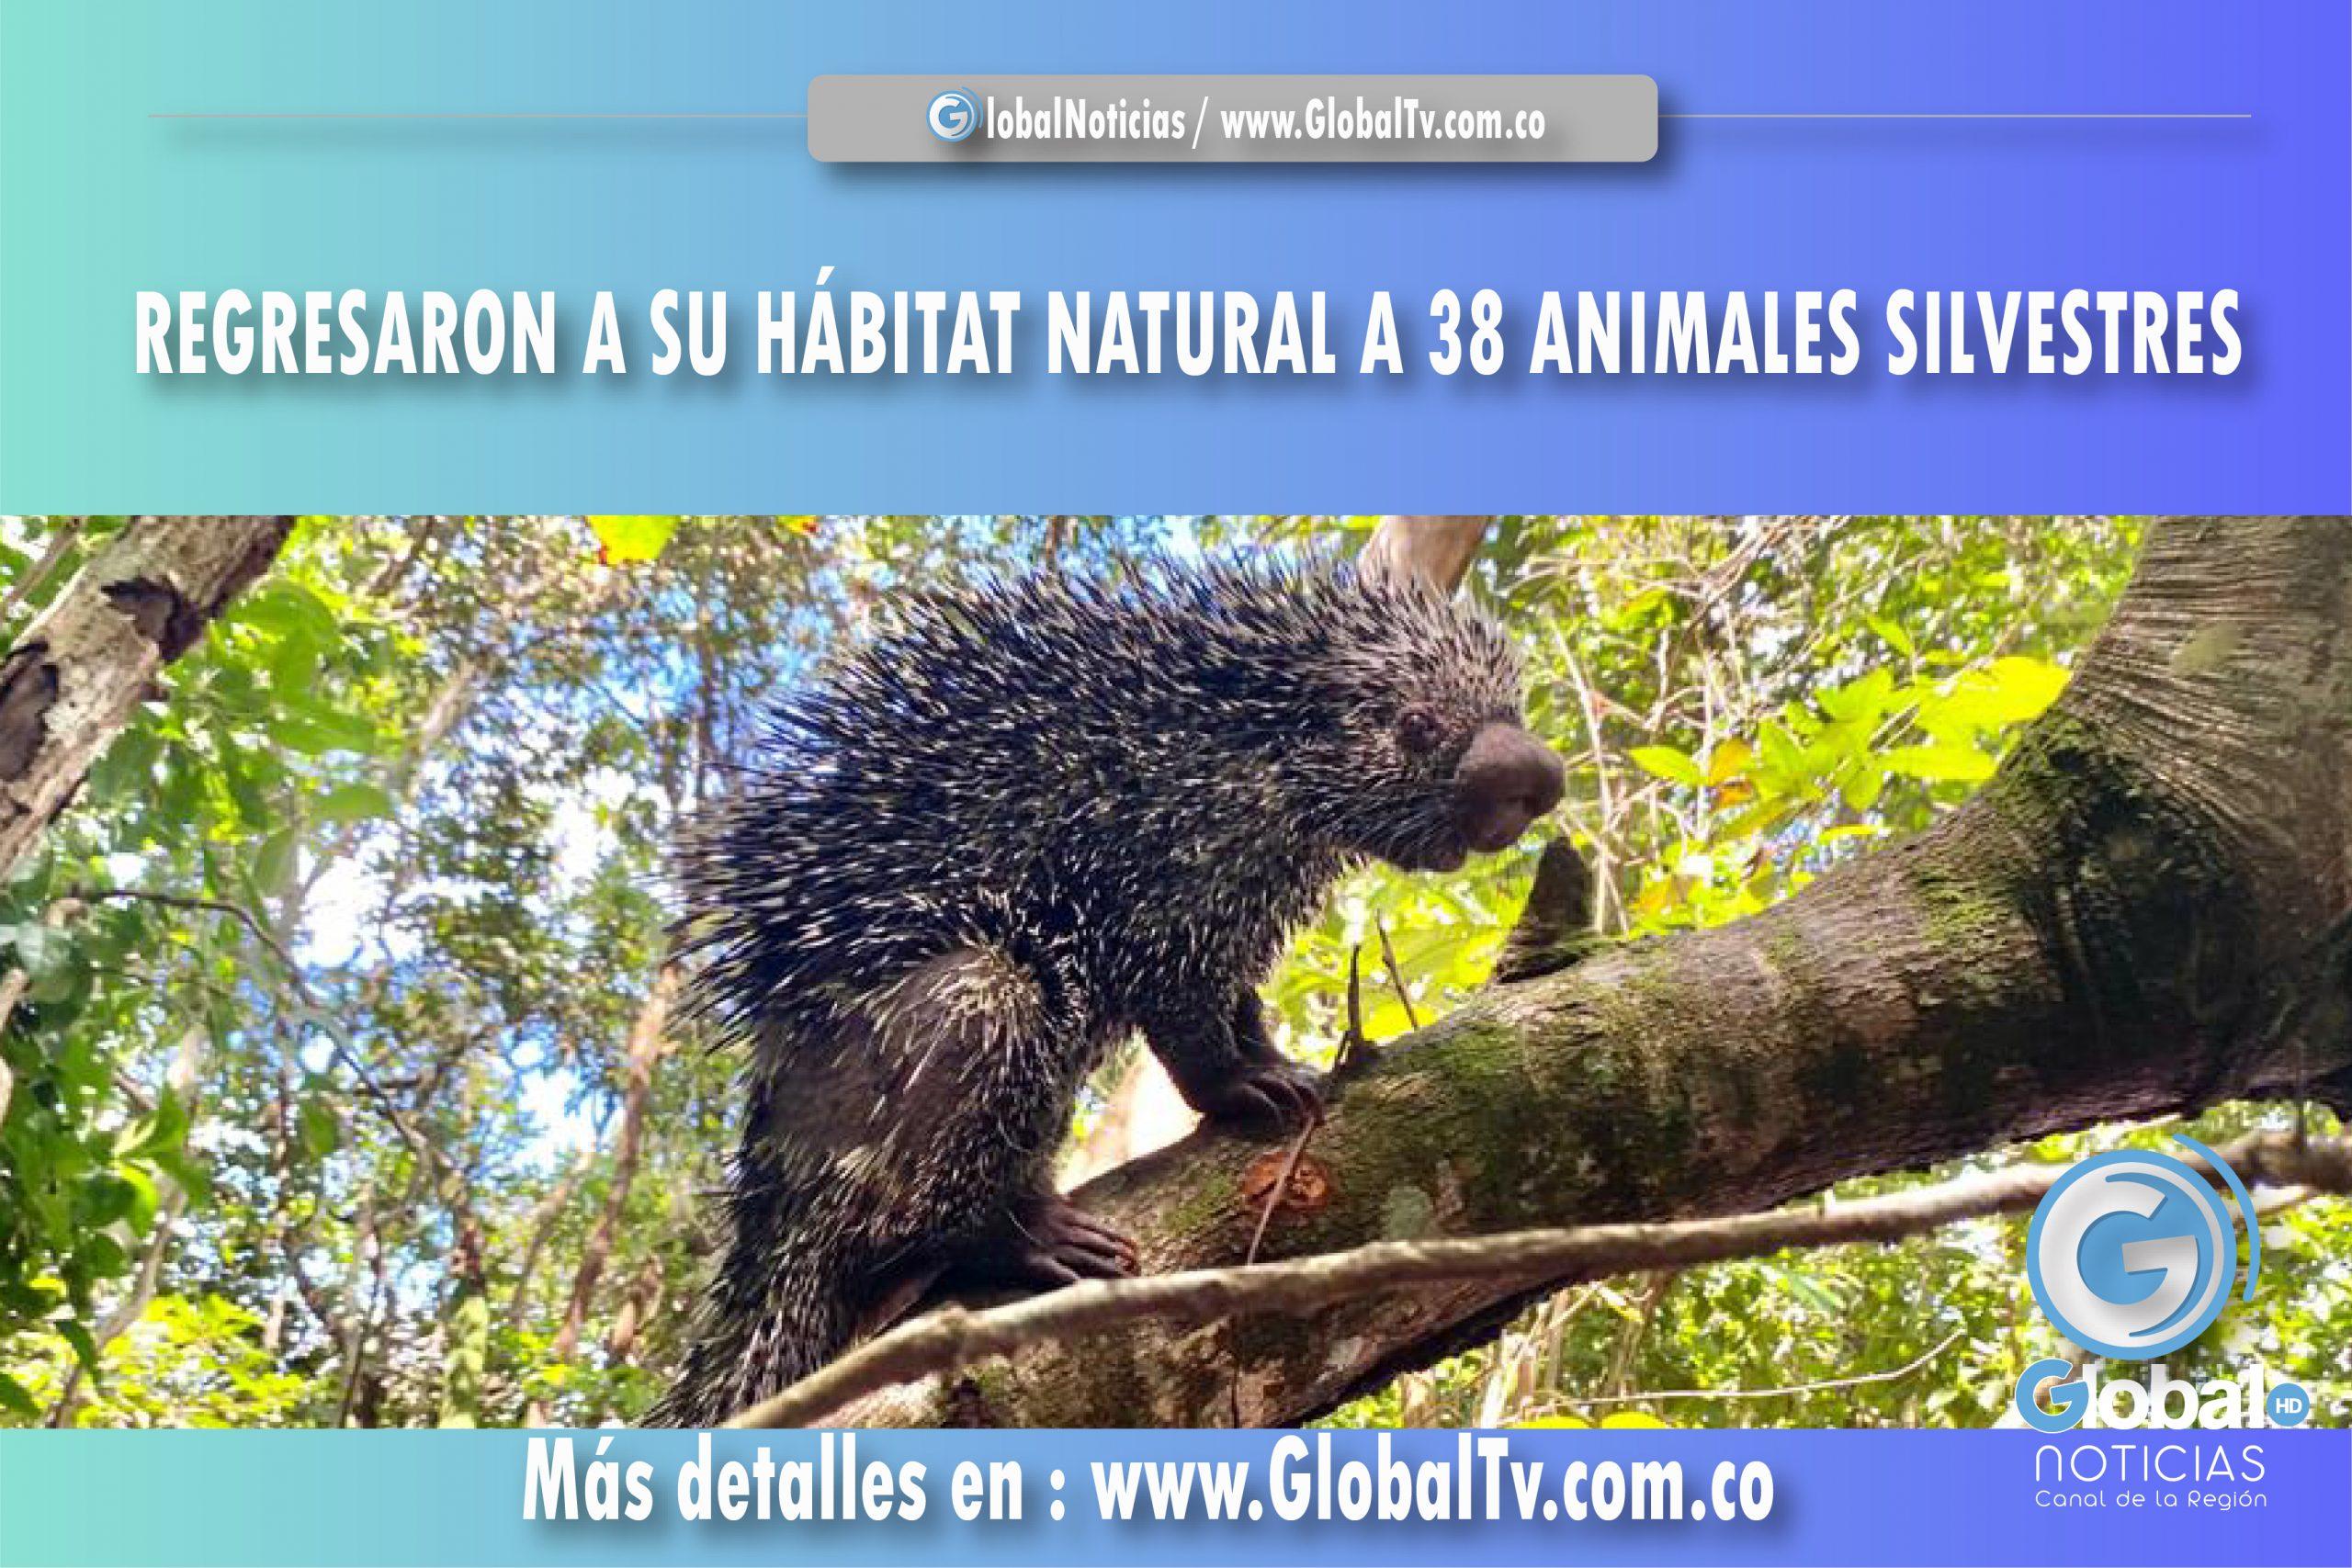 REGRESARON A SU HÁBITAT NATURAL A 38 ANIMALES SILVESTRES